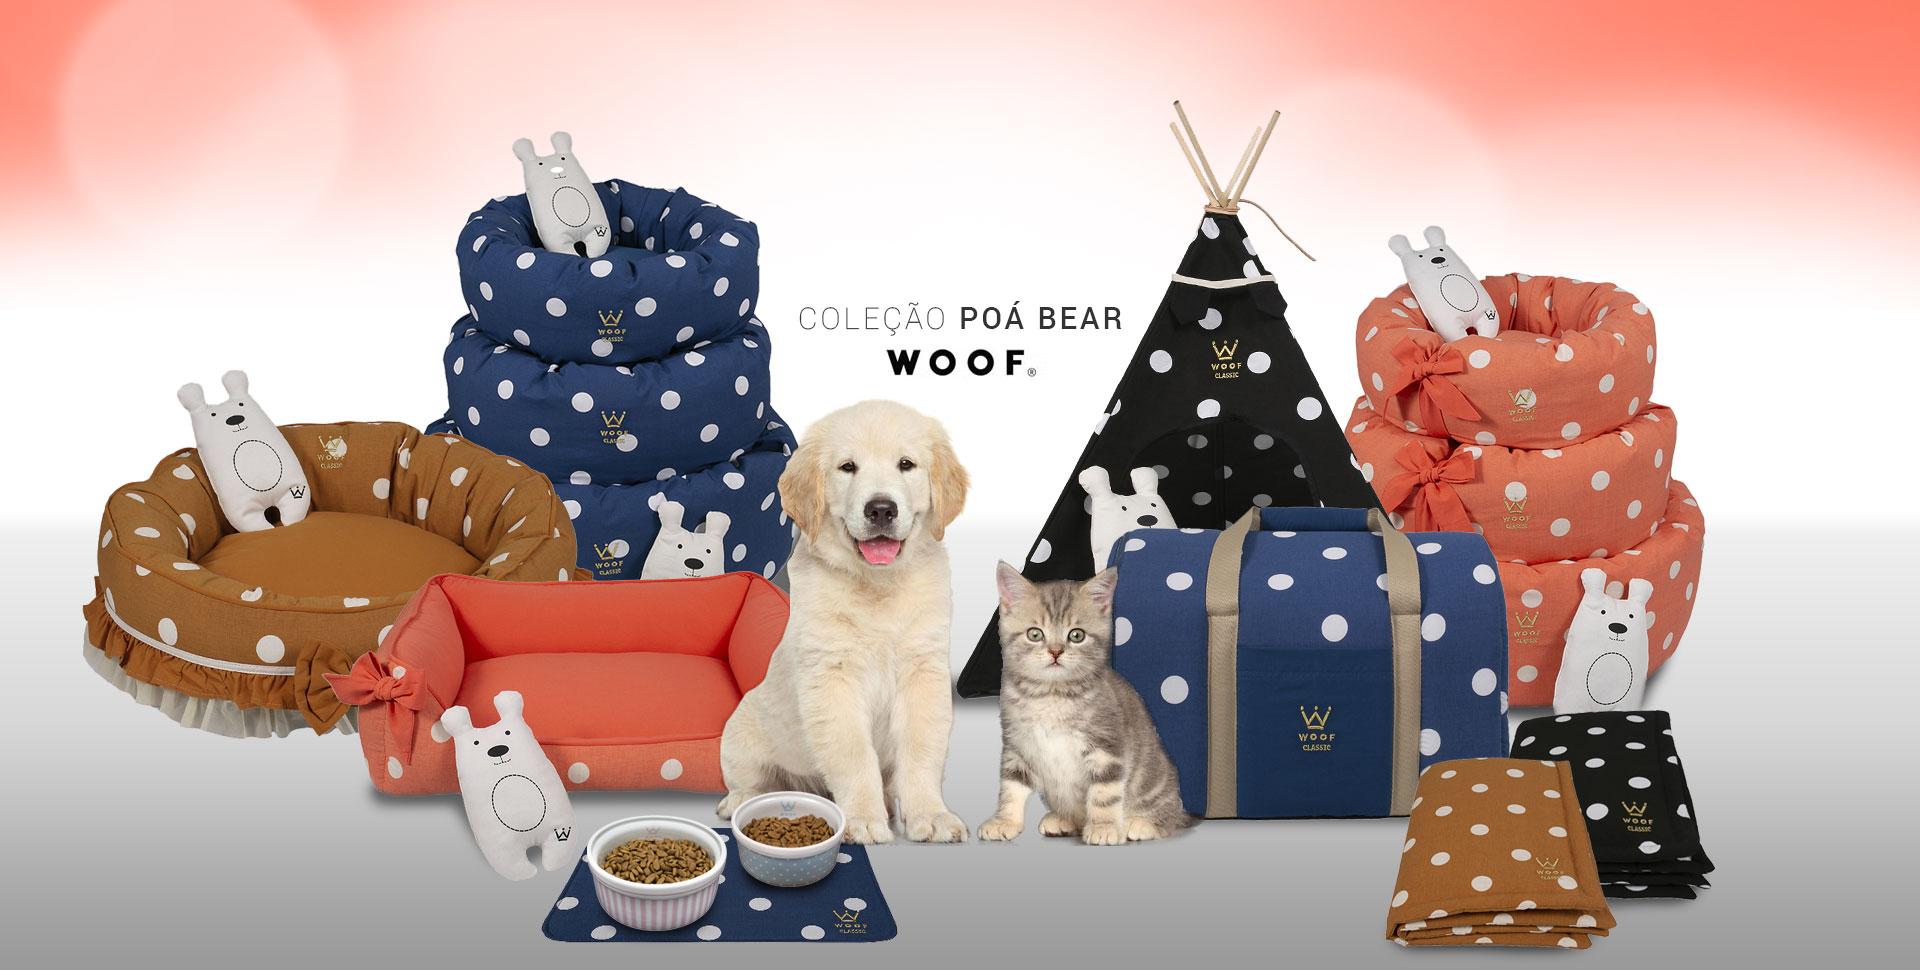 Woof Classic Linho Poá Bear: a Nova Coleção Woof! Confira